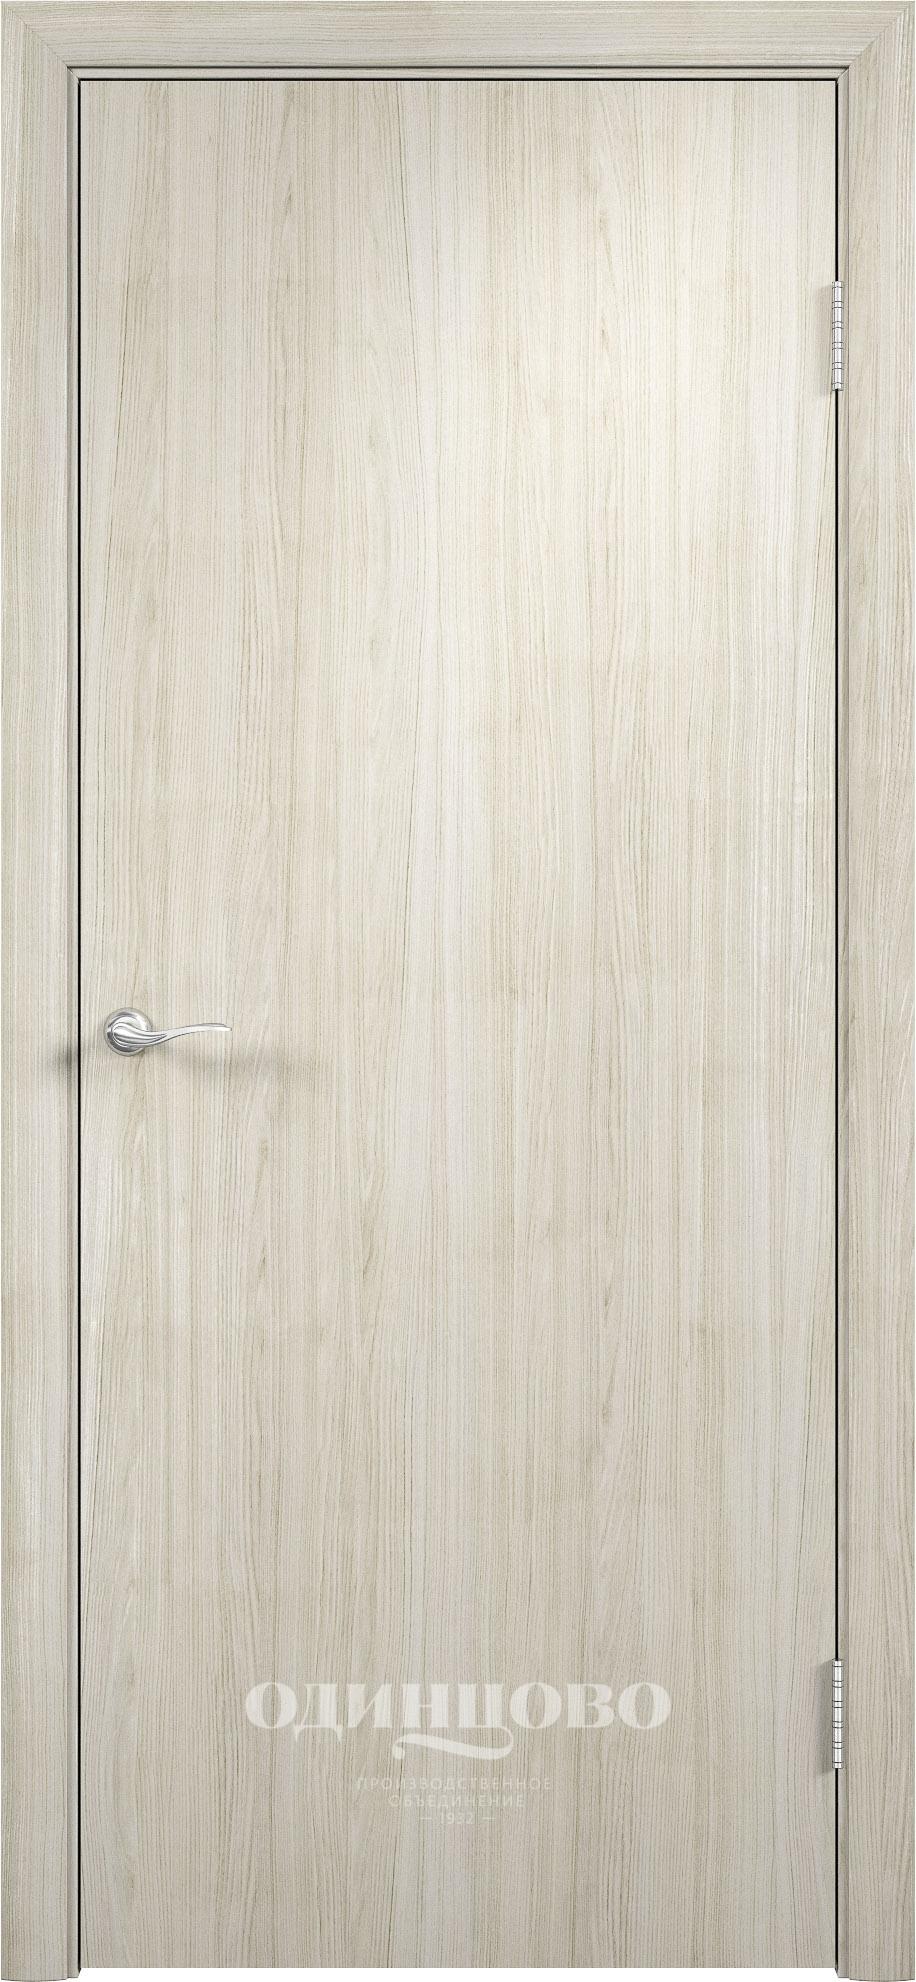 него замечательные, цвет беленый дуб фото дверей картинки двойном экземпляре